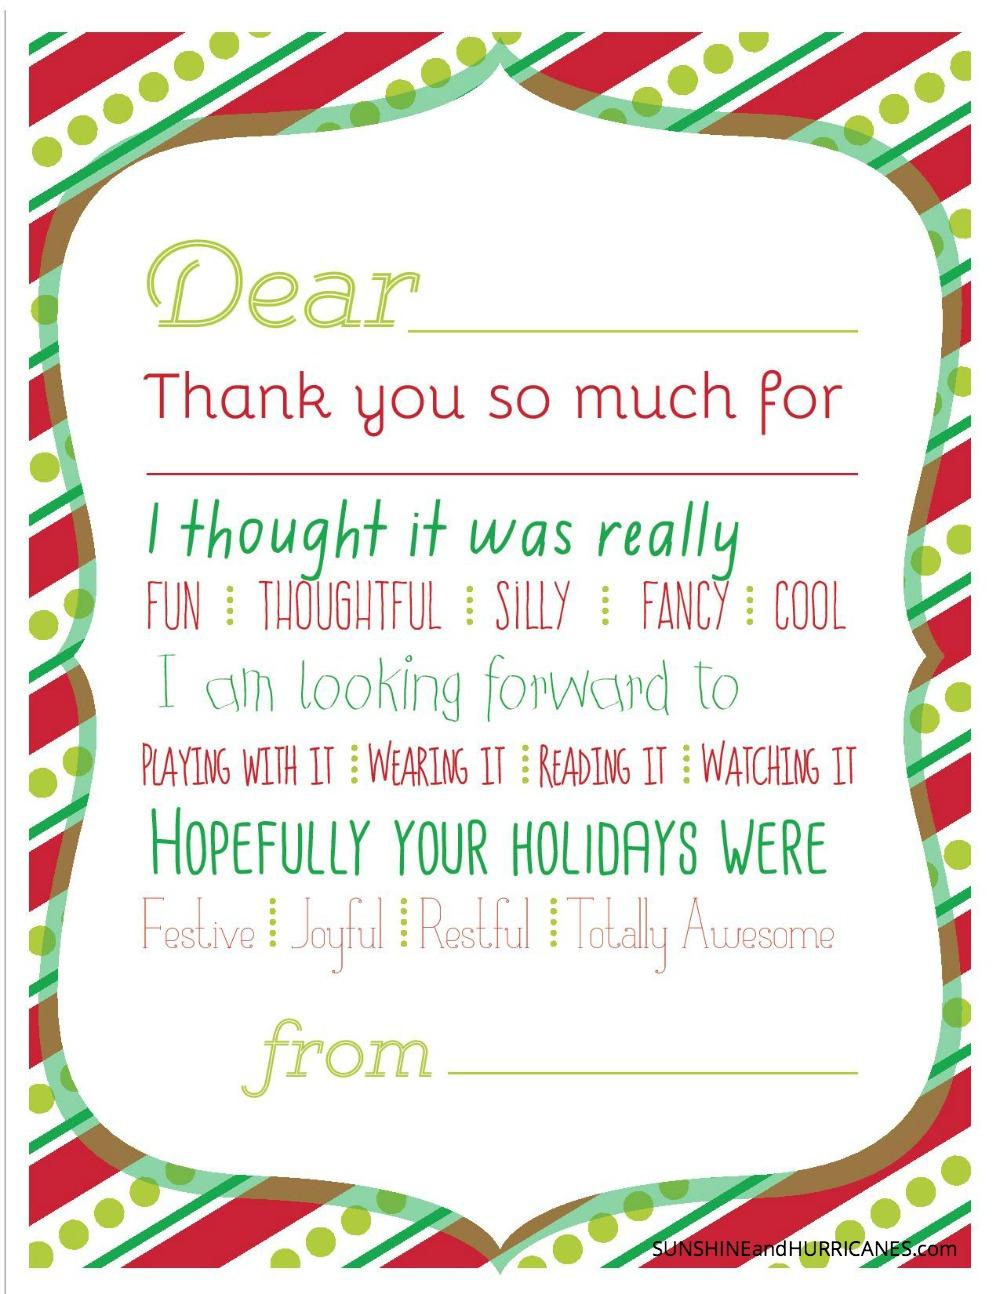 Christmas Printable Thank You Cards For Kids - Fill In The Blank Thank You Cards Printable Free